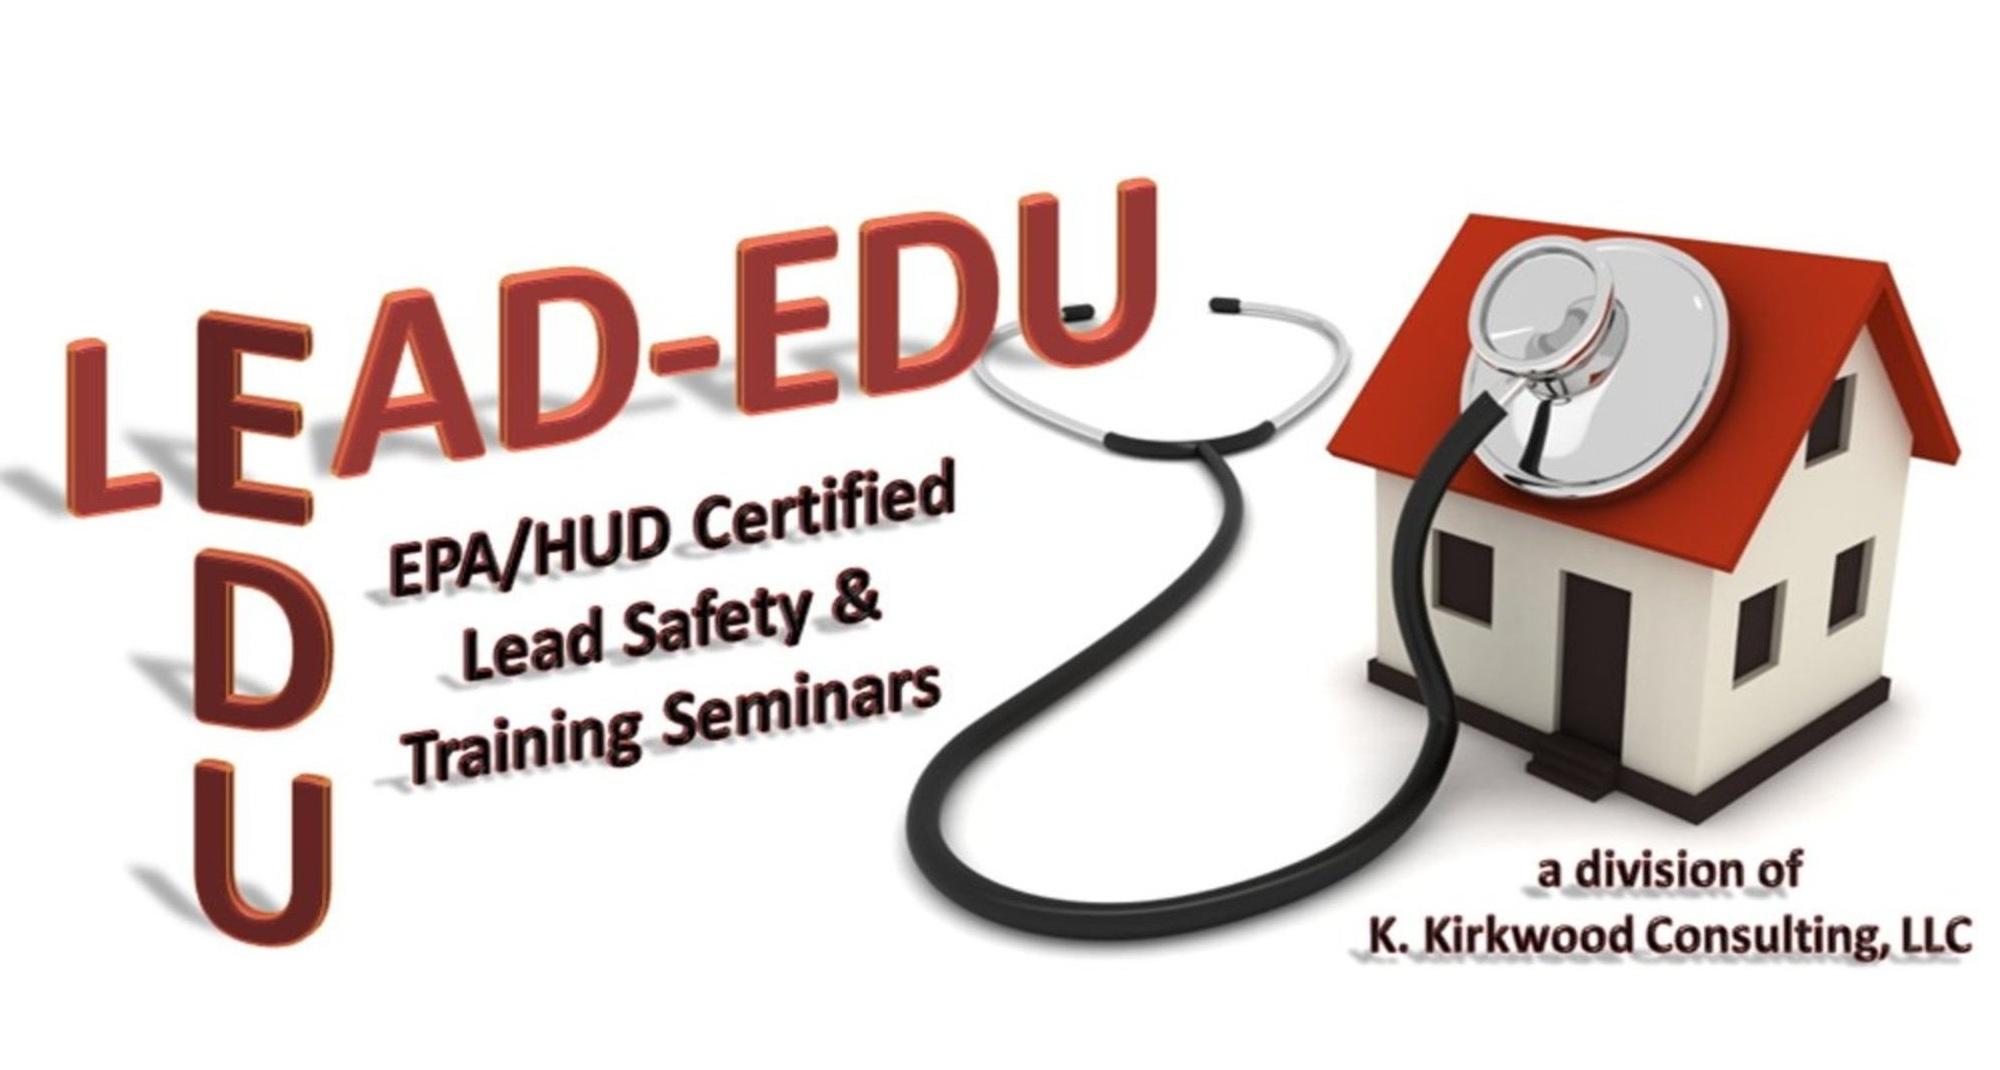 Lead-Edu